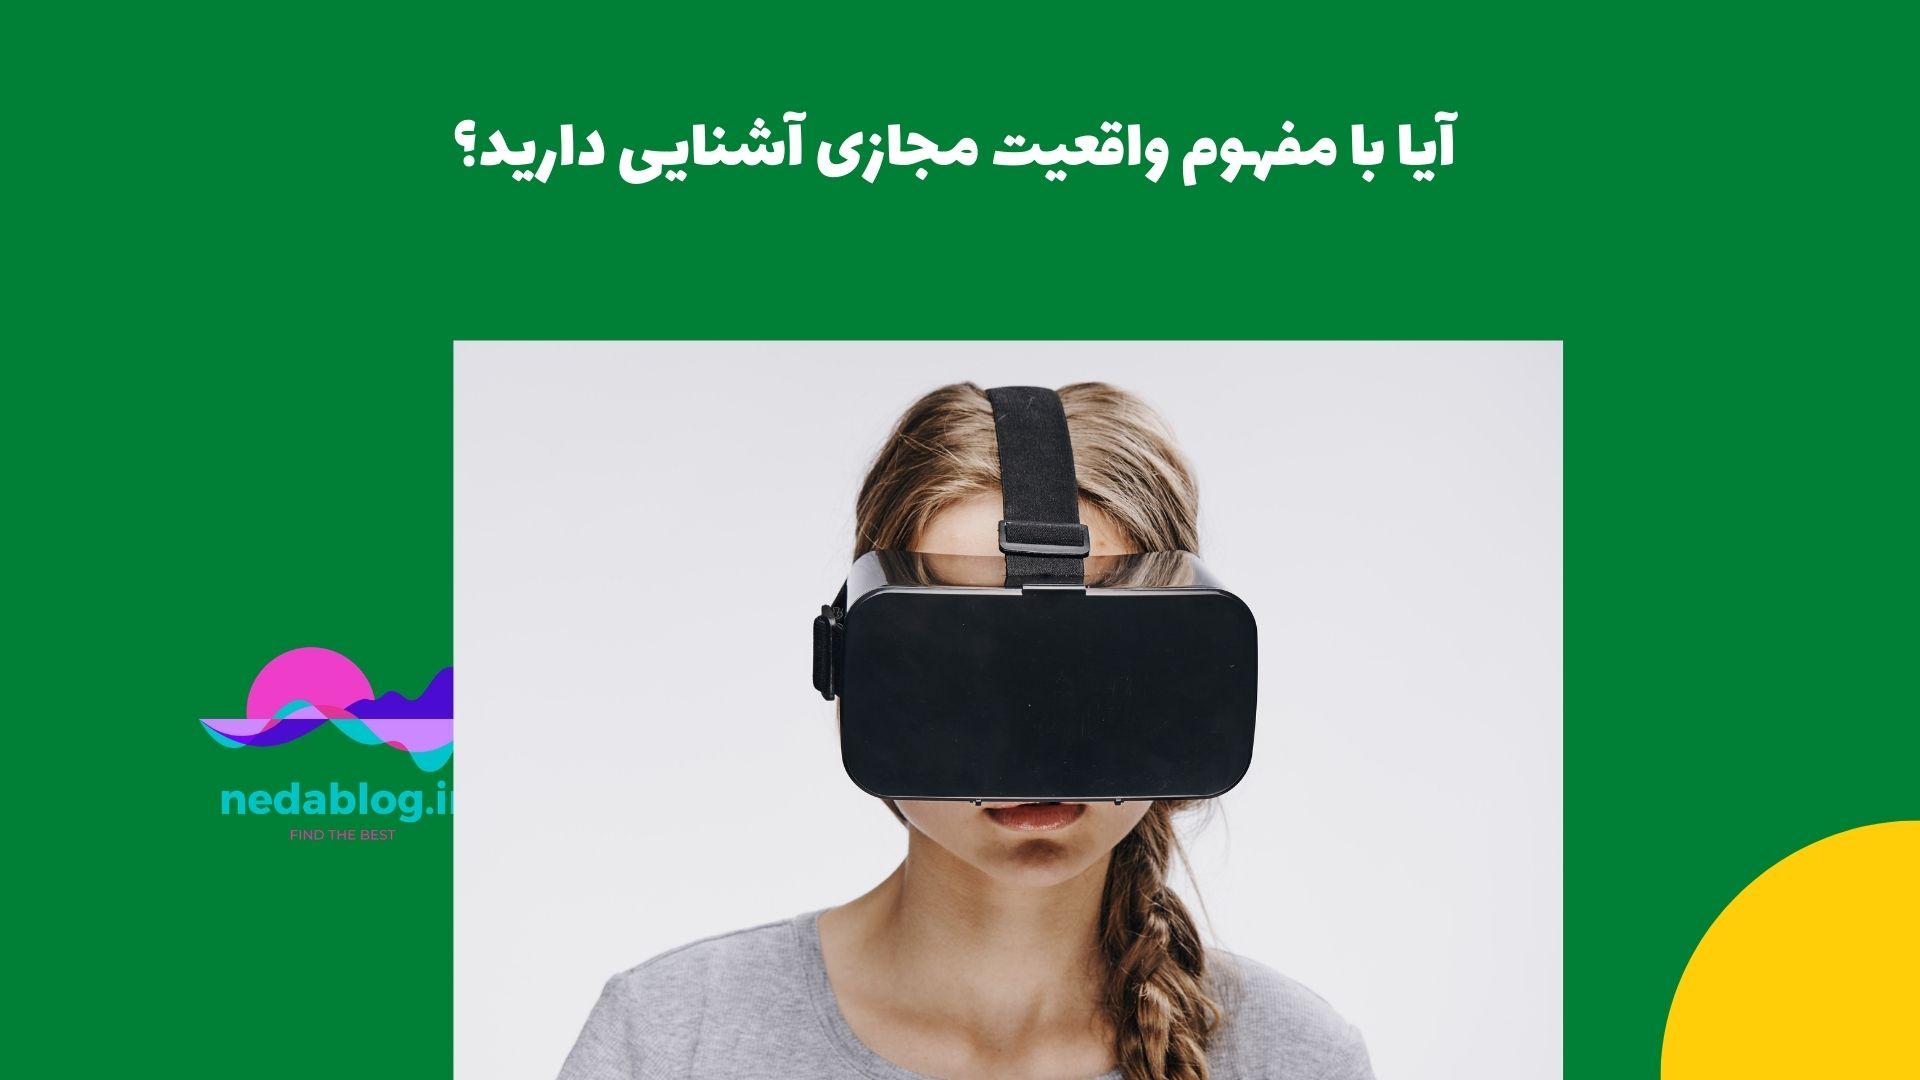 آیا با مفهوم واقعیت مجازی آشنایی دارید؟